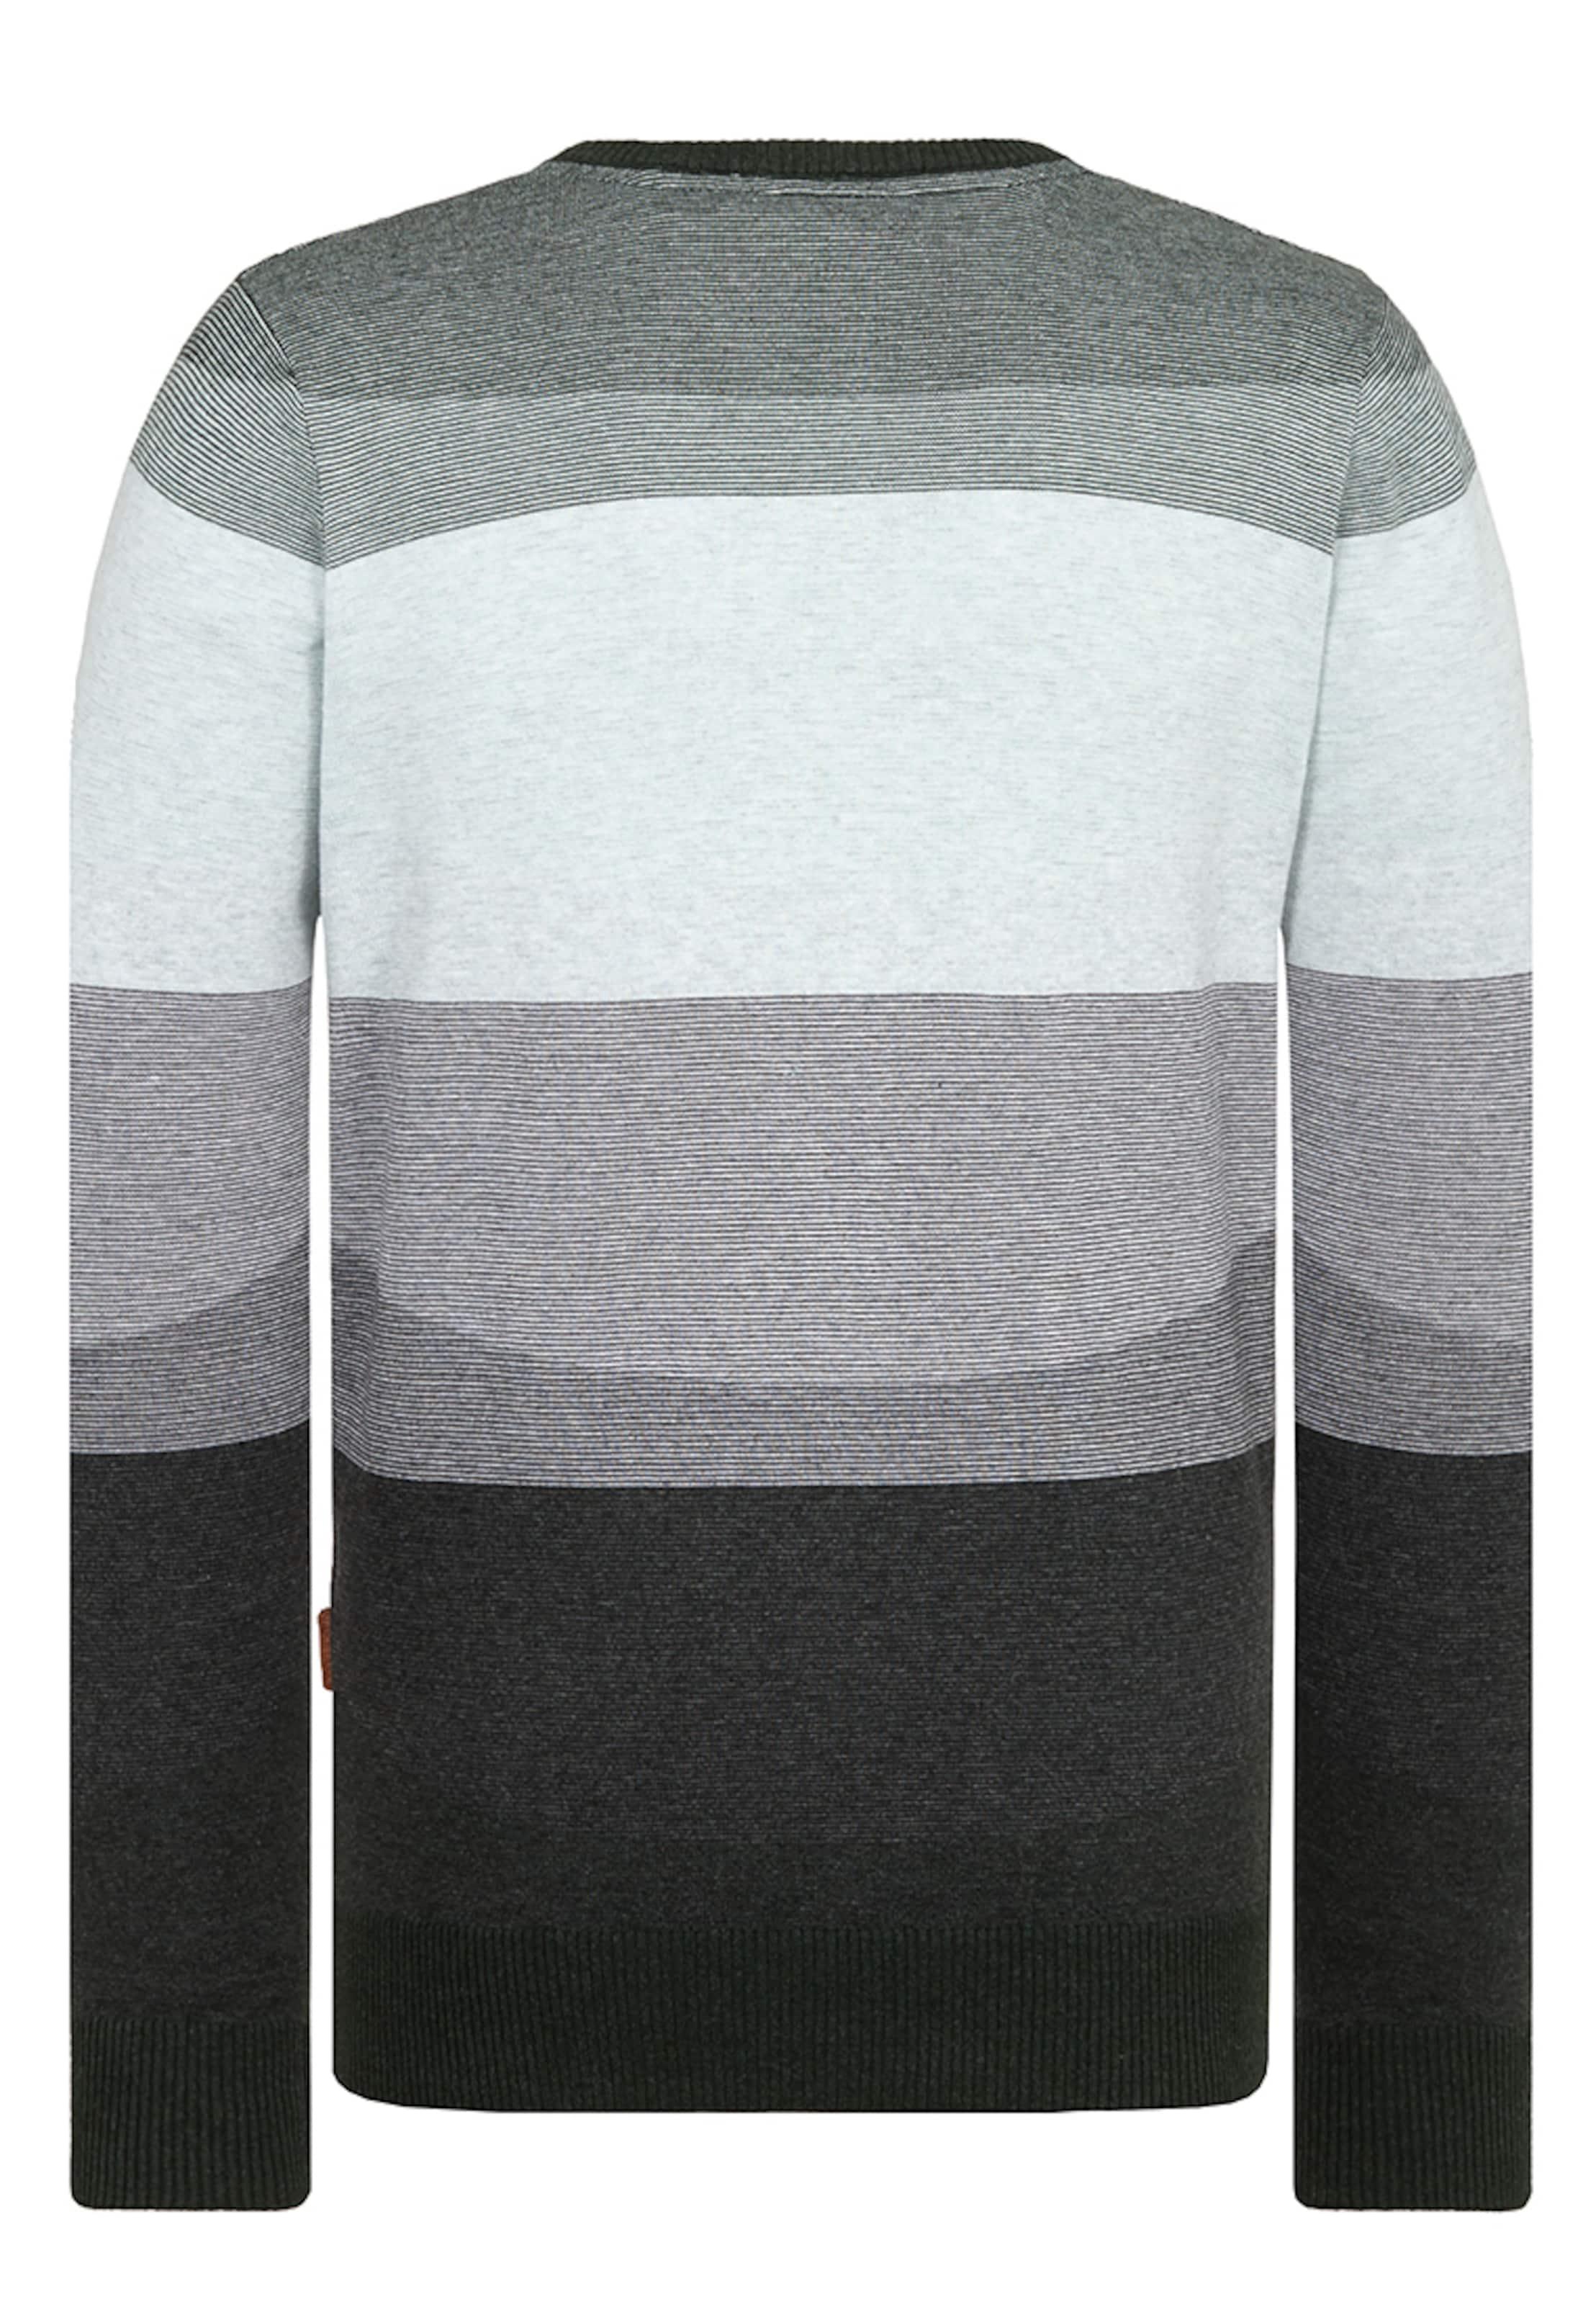 Auslass Offiziellen naketano Knit Pullover Für Billig Zu Verkaufen Verkauf Beliebt Auslass-Websites wqII7x1Yv